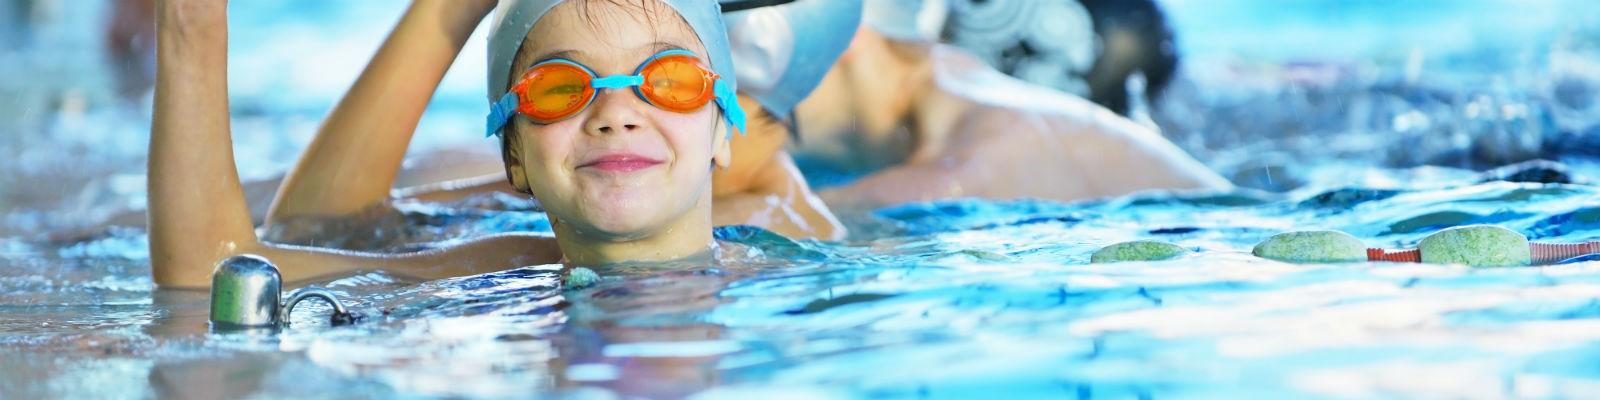 dziecięcy niezbędnik basenowy